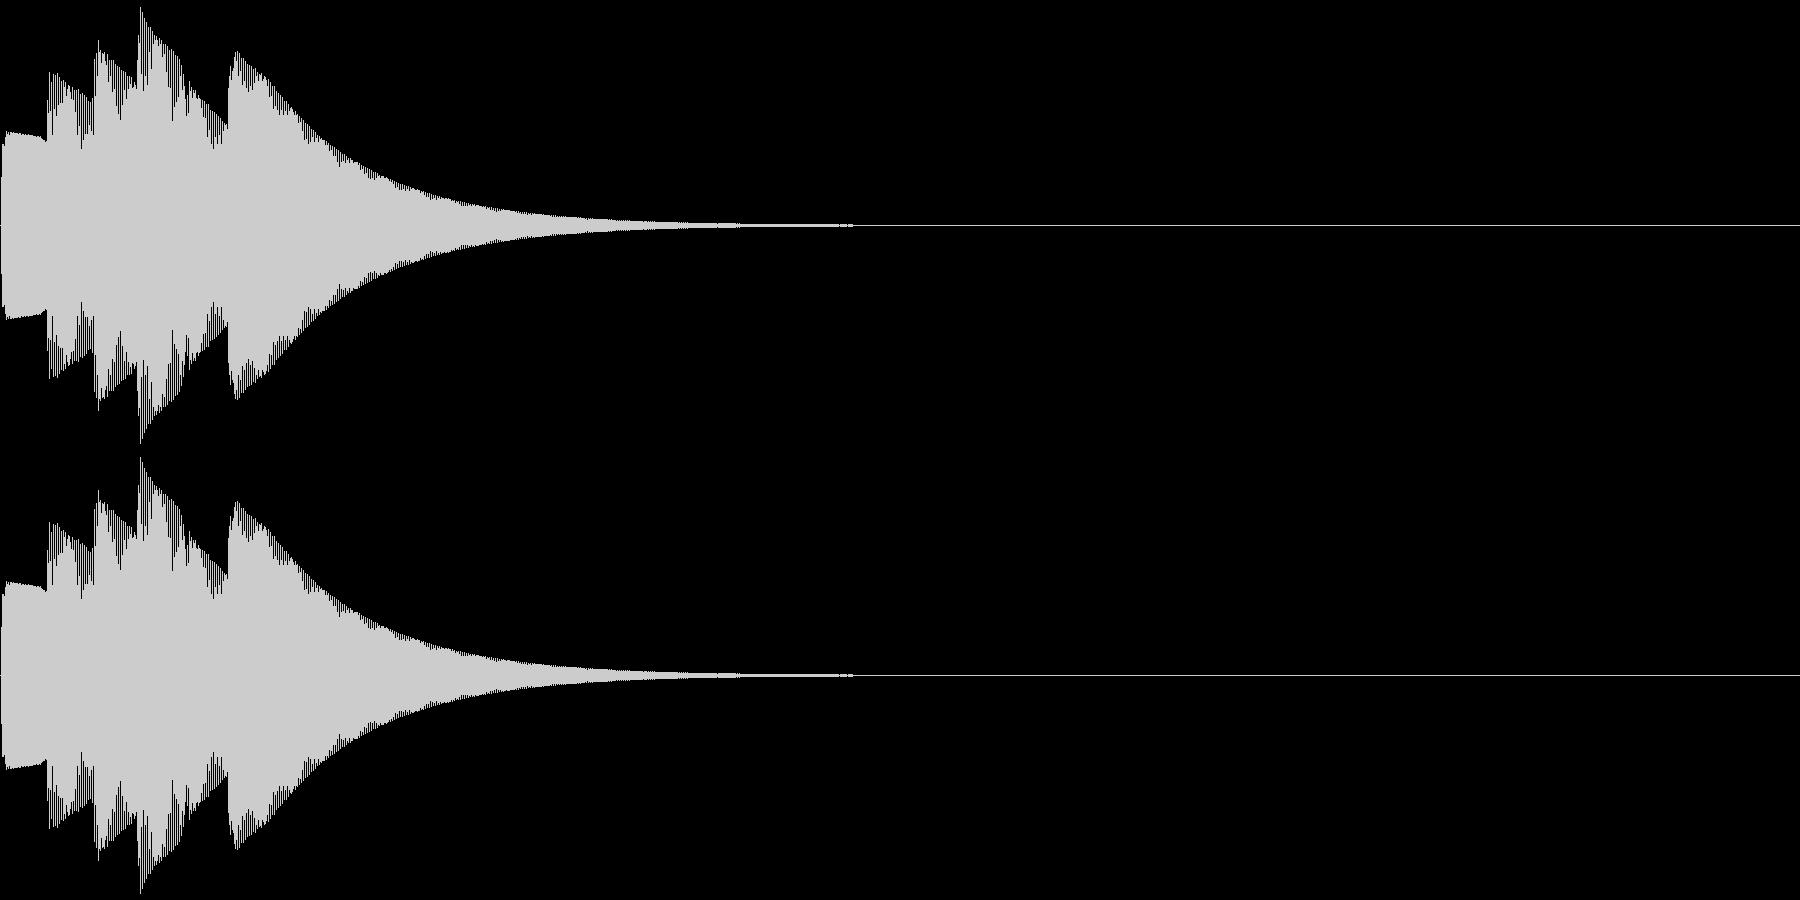 クイズ正解音・ピンポーン3回の未再生の波形